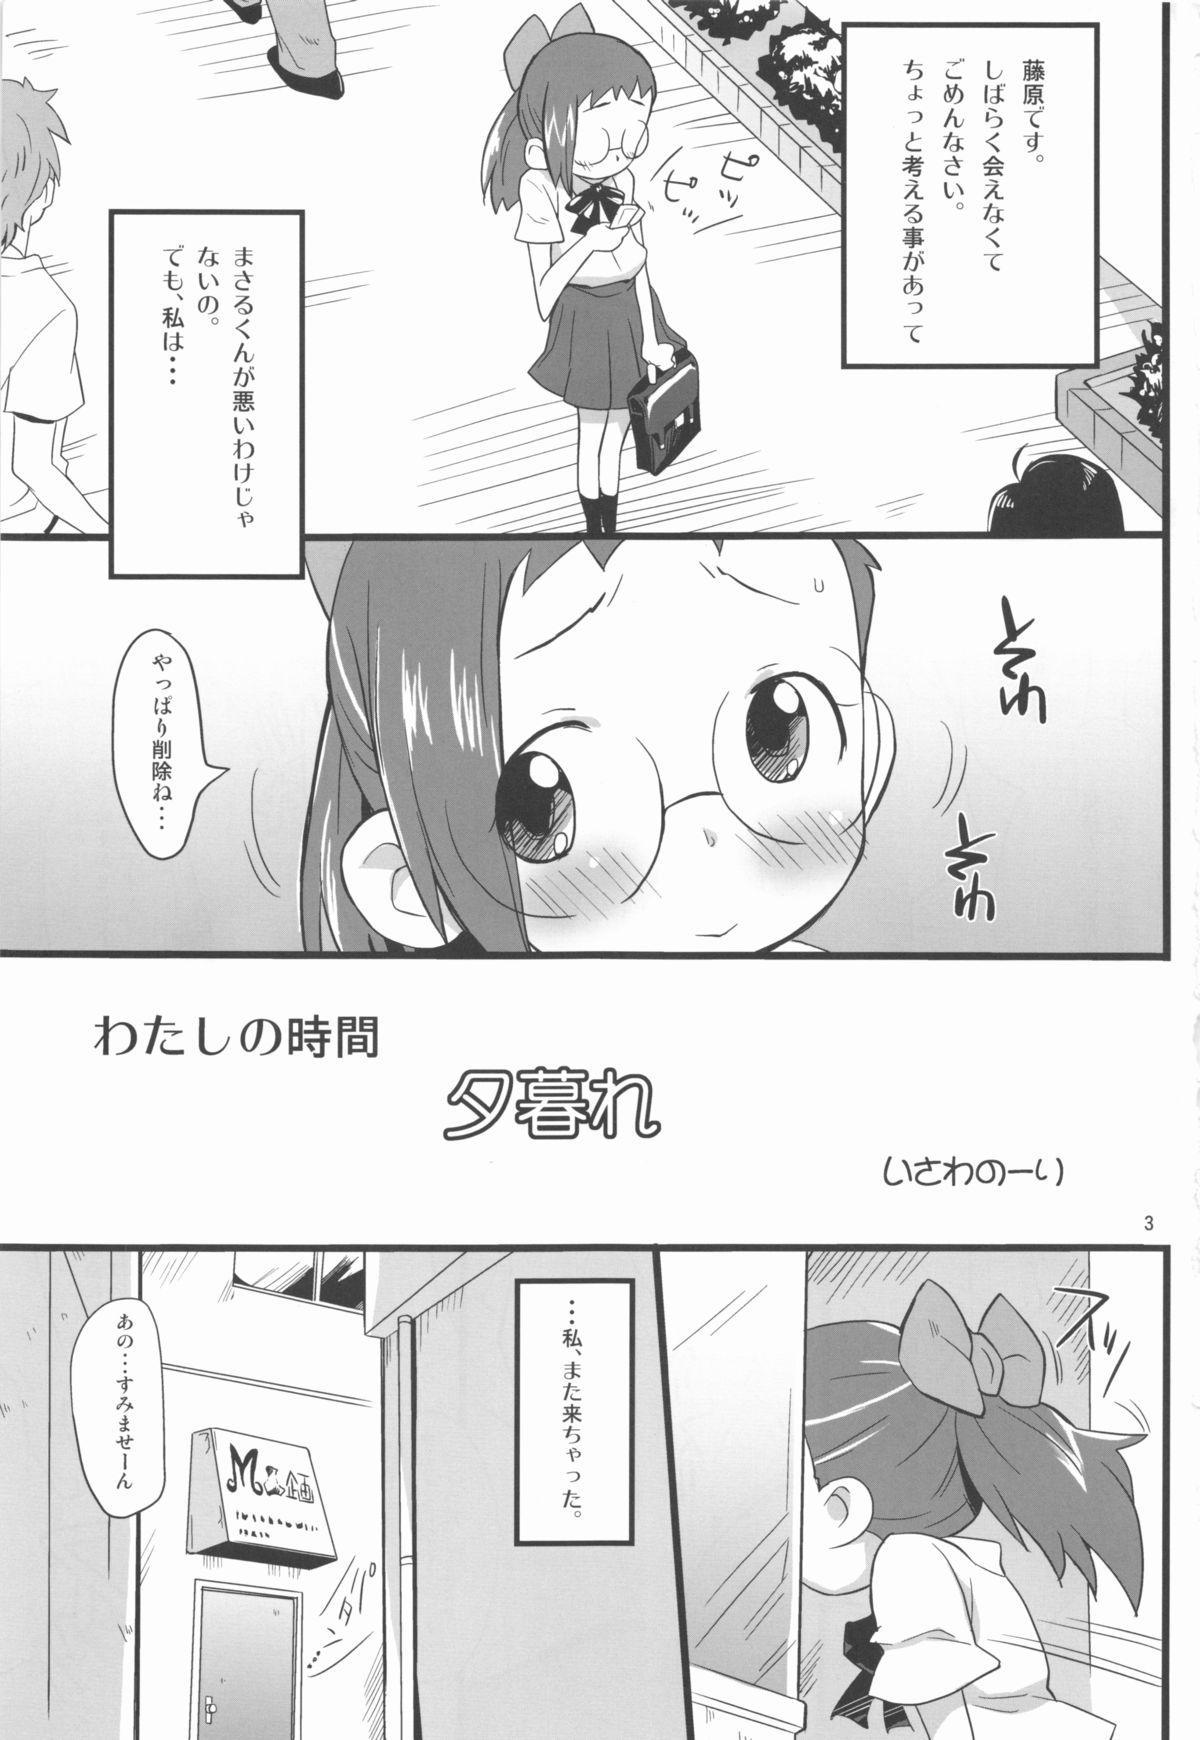 Watashi no Jikan Yuugure 2